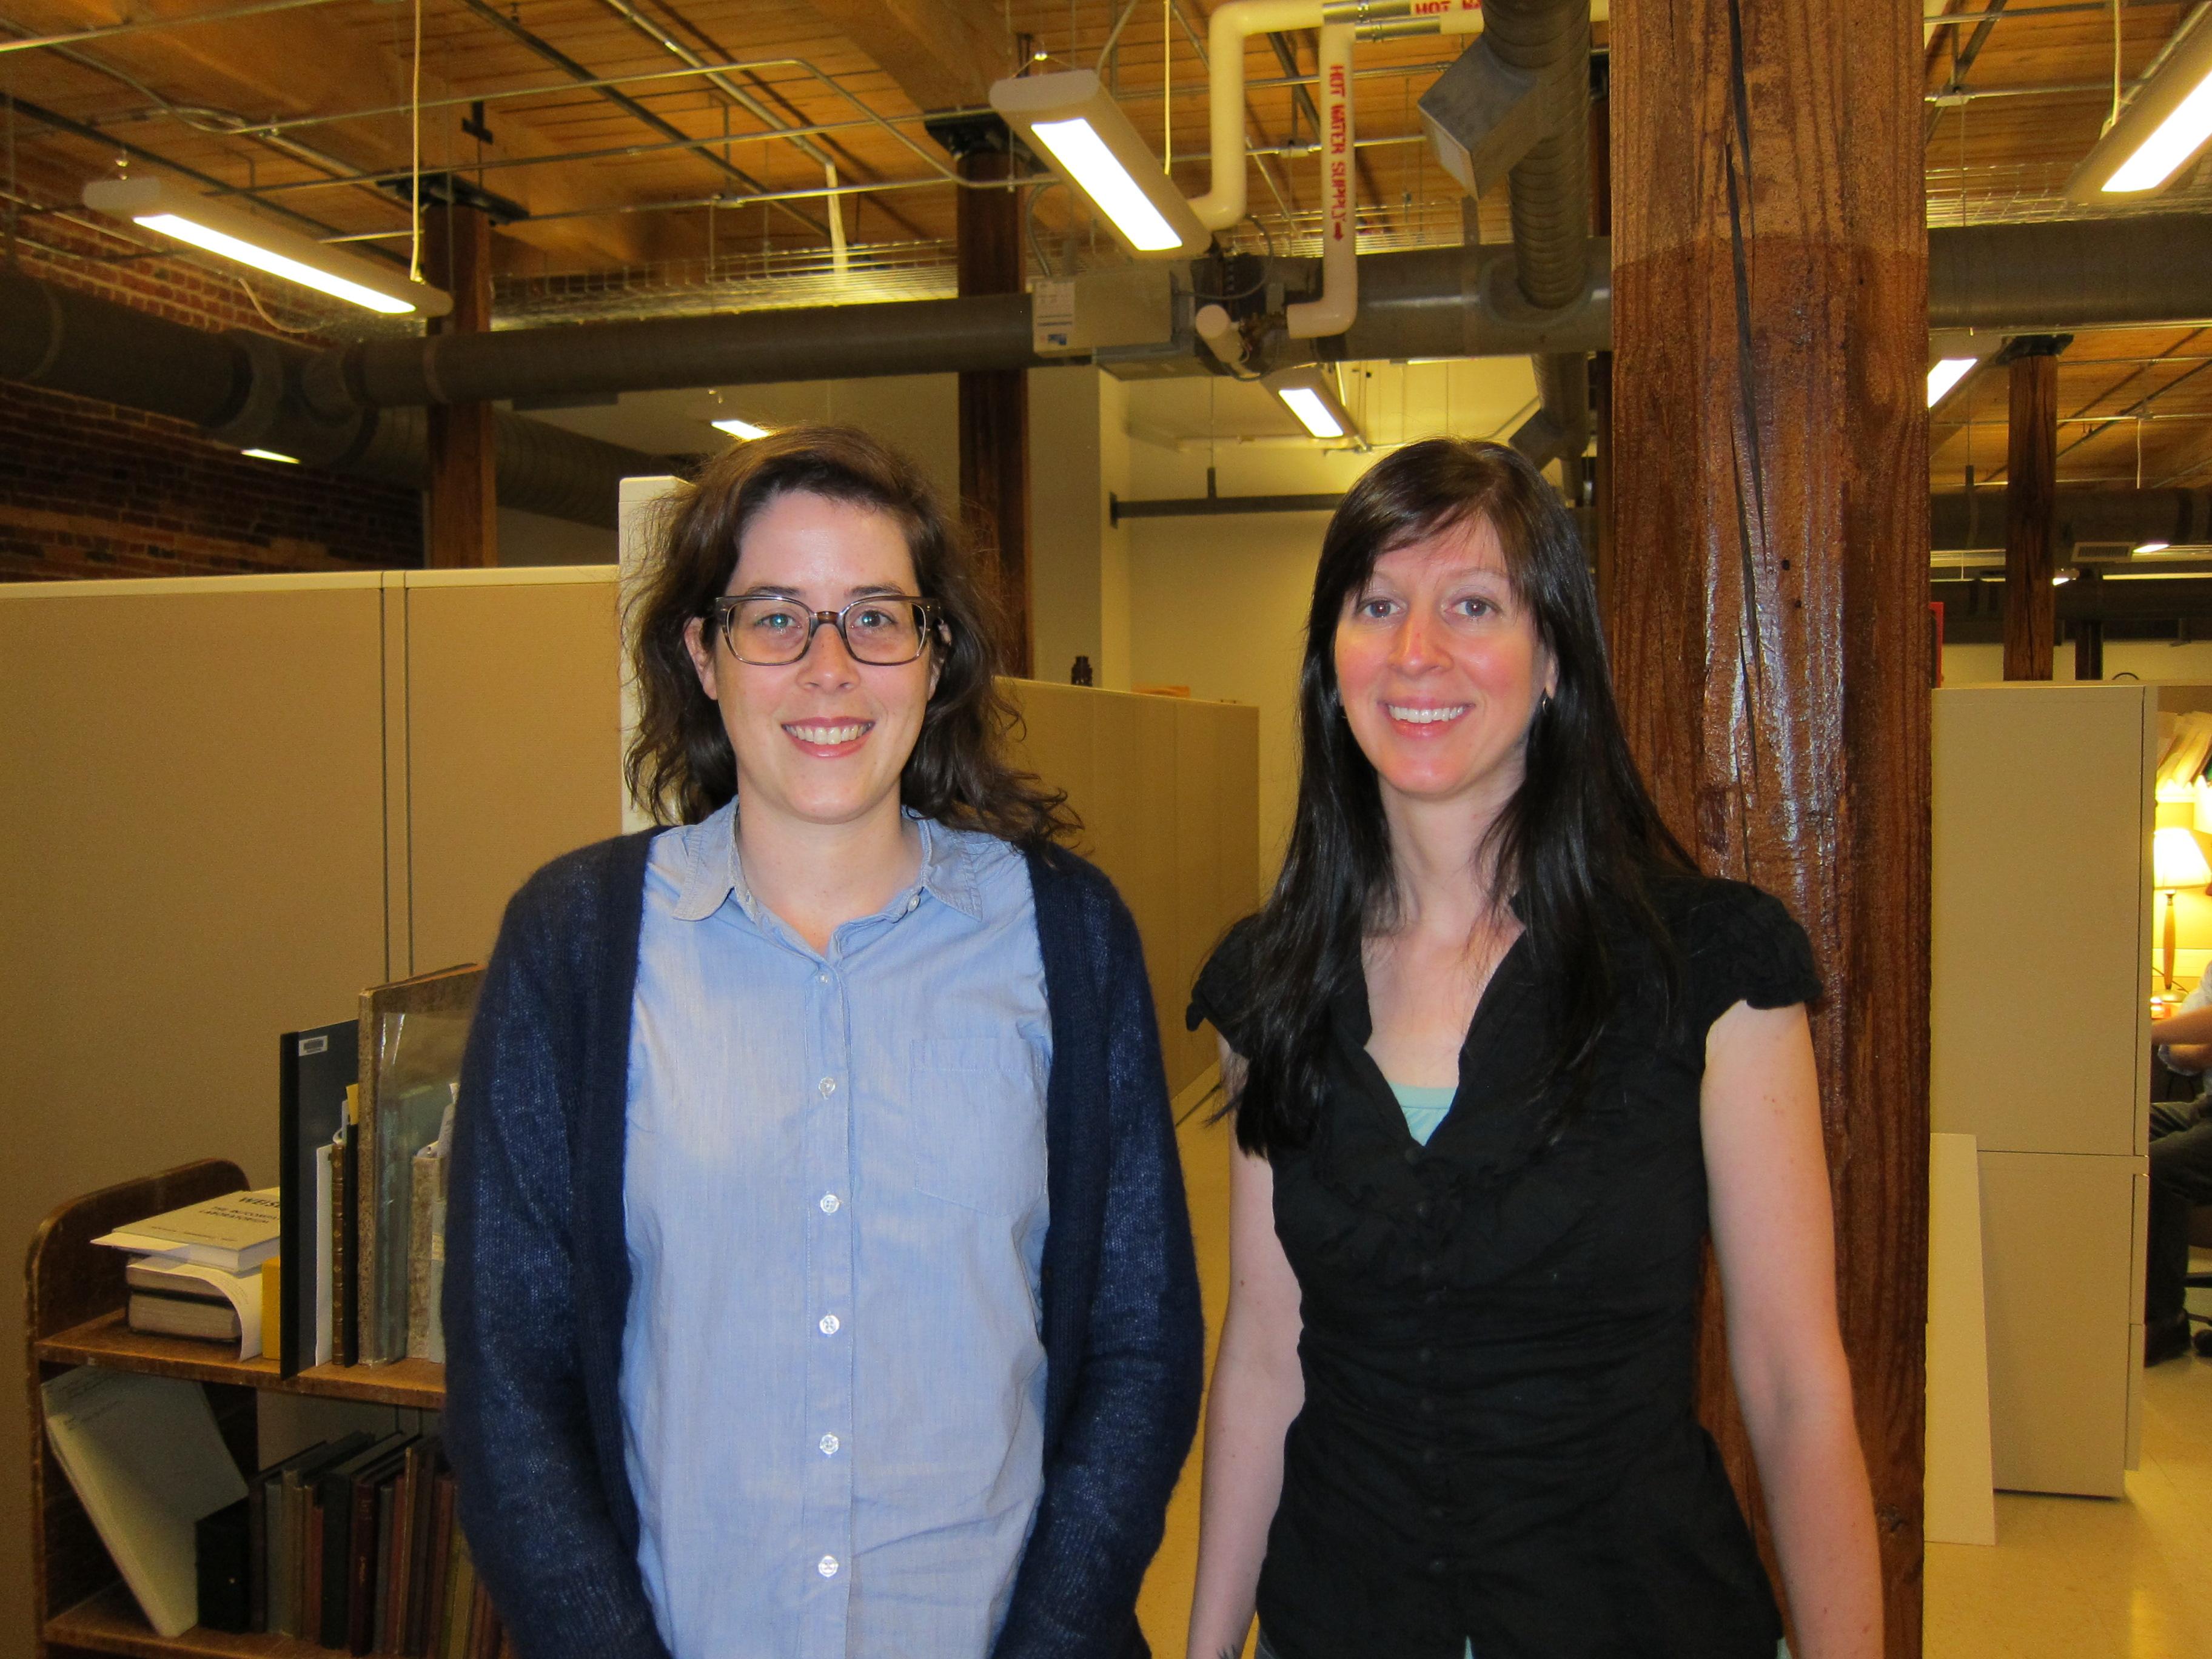 New Tech Services Staff: Lauren Reno and Rachel Penniman